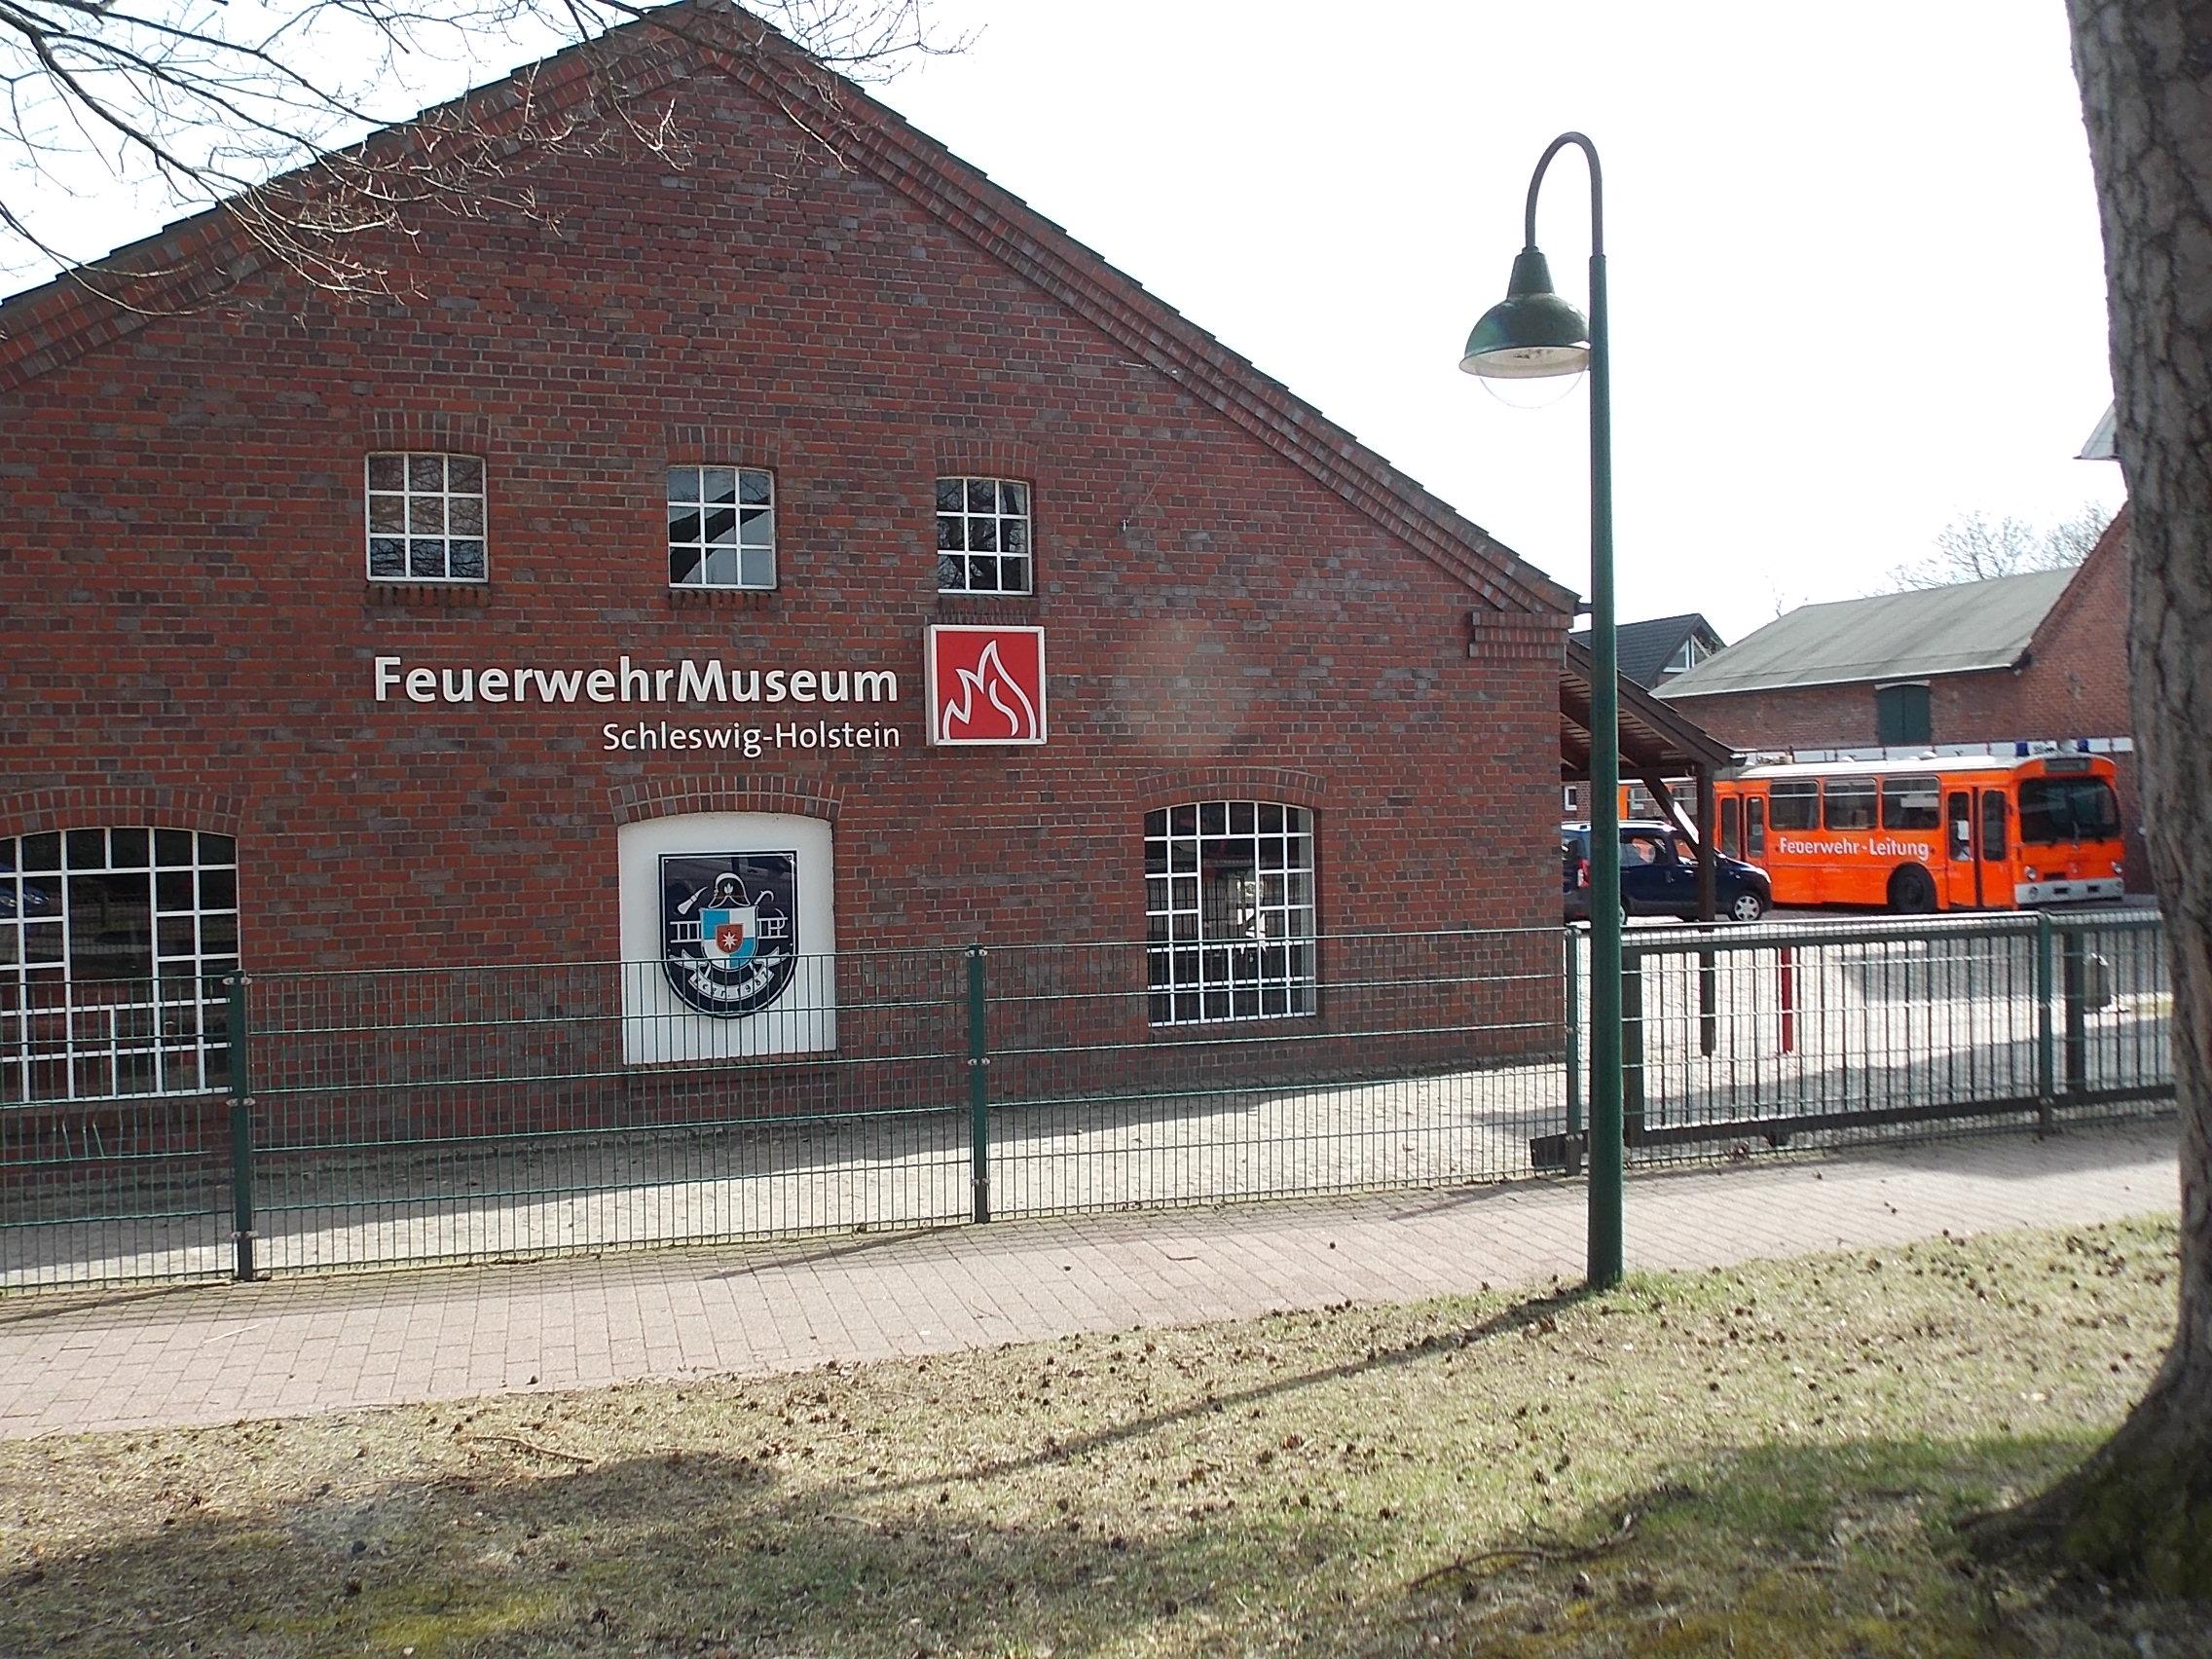 Norderstedt Feuerwehrmuseum